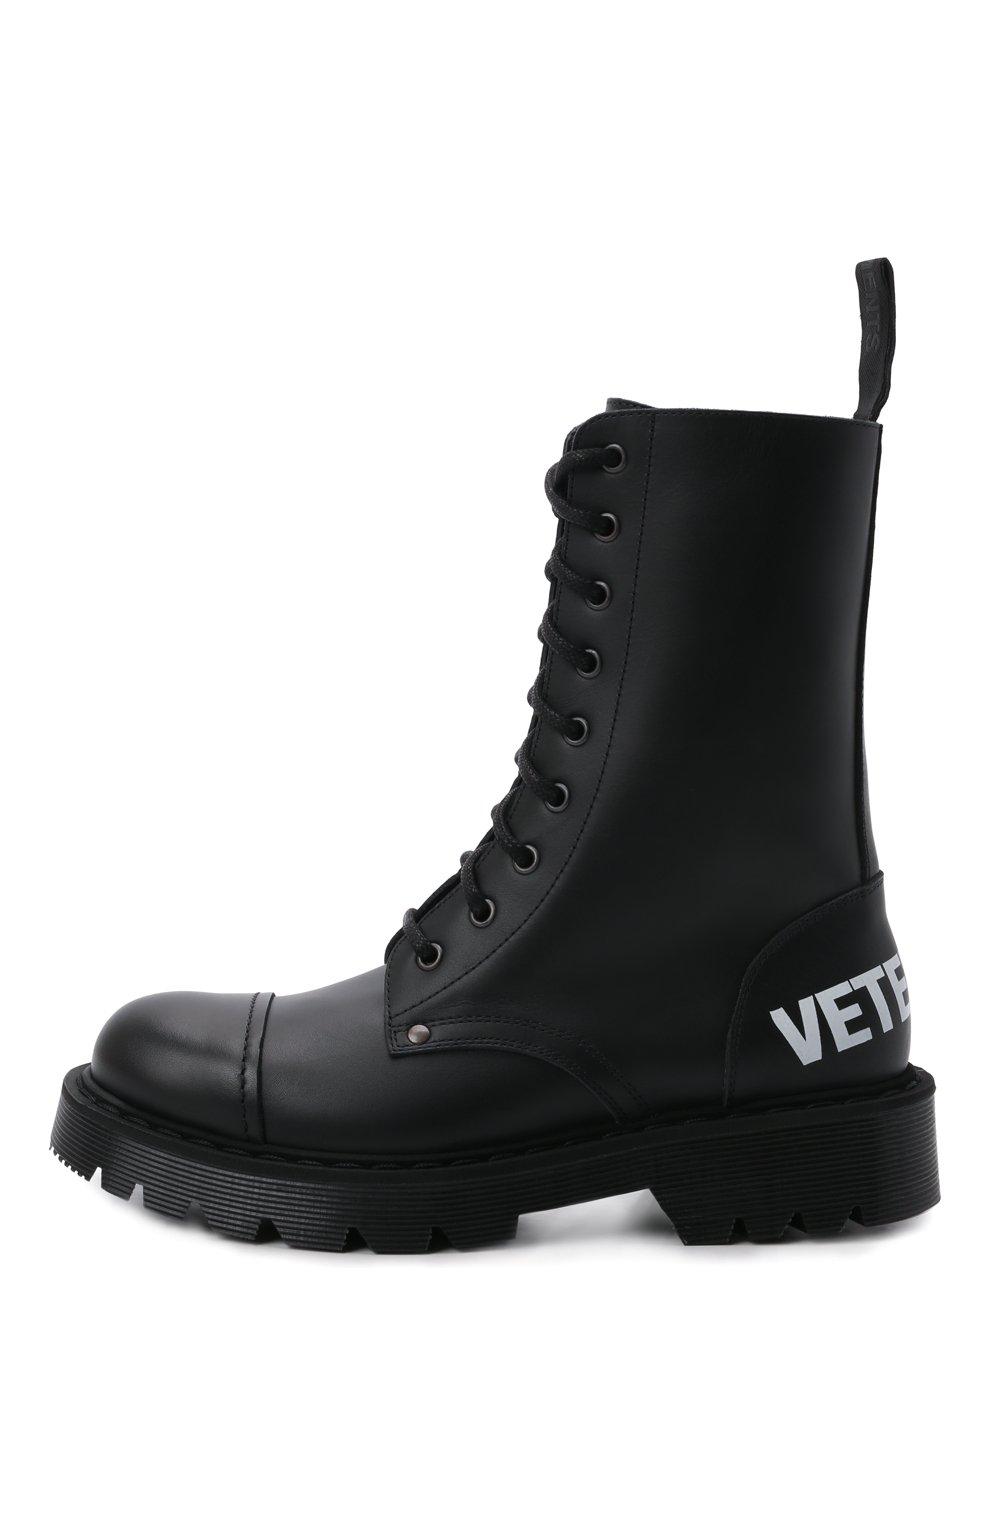 Женские кожаные ботинки VETEMENTS черно-белого цвета, арт. UA52B0200B 2414/W | Фото 3 (Подошва: Платформа; Каблук высота: Низкий; Женское Кросс-КТ: Военные ботинки; Материал внутренний: Натуральная кожа)